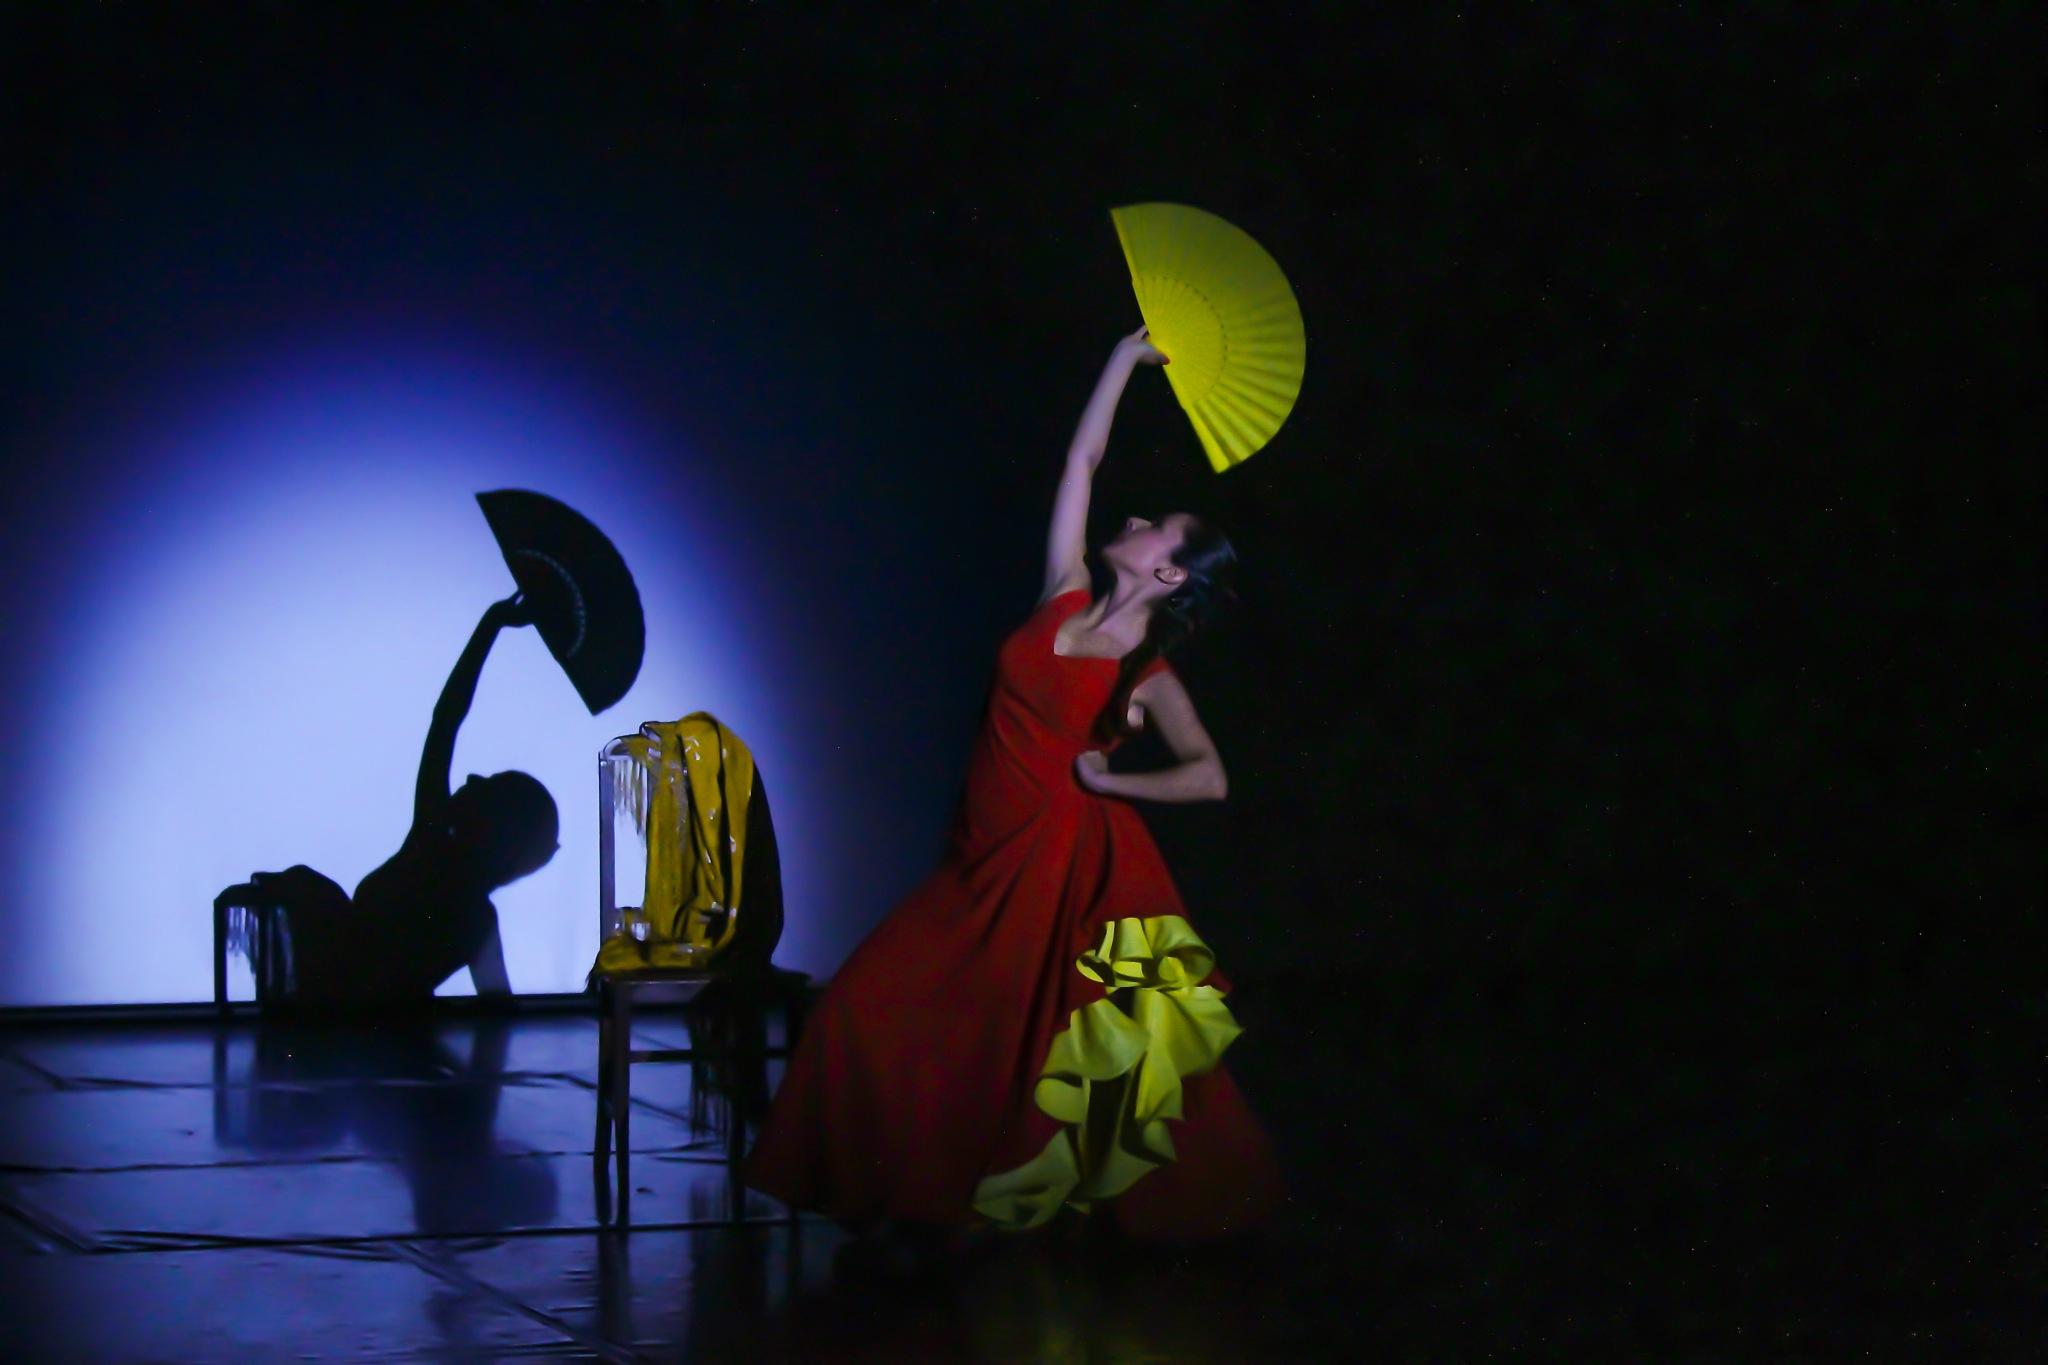 Sombra by FernandoLopes